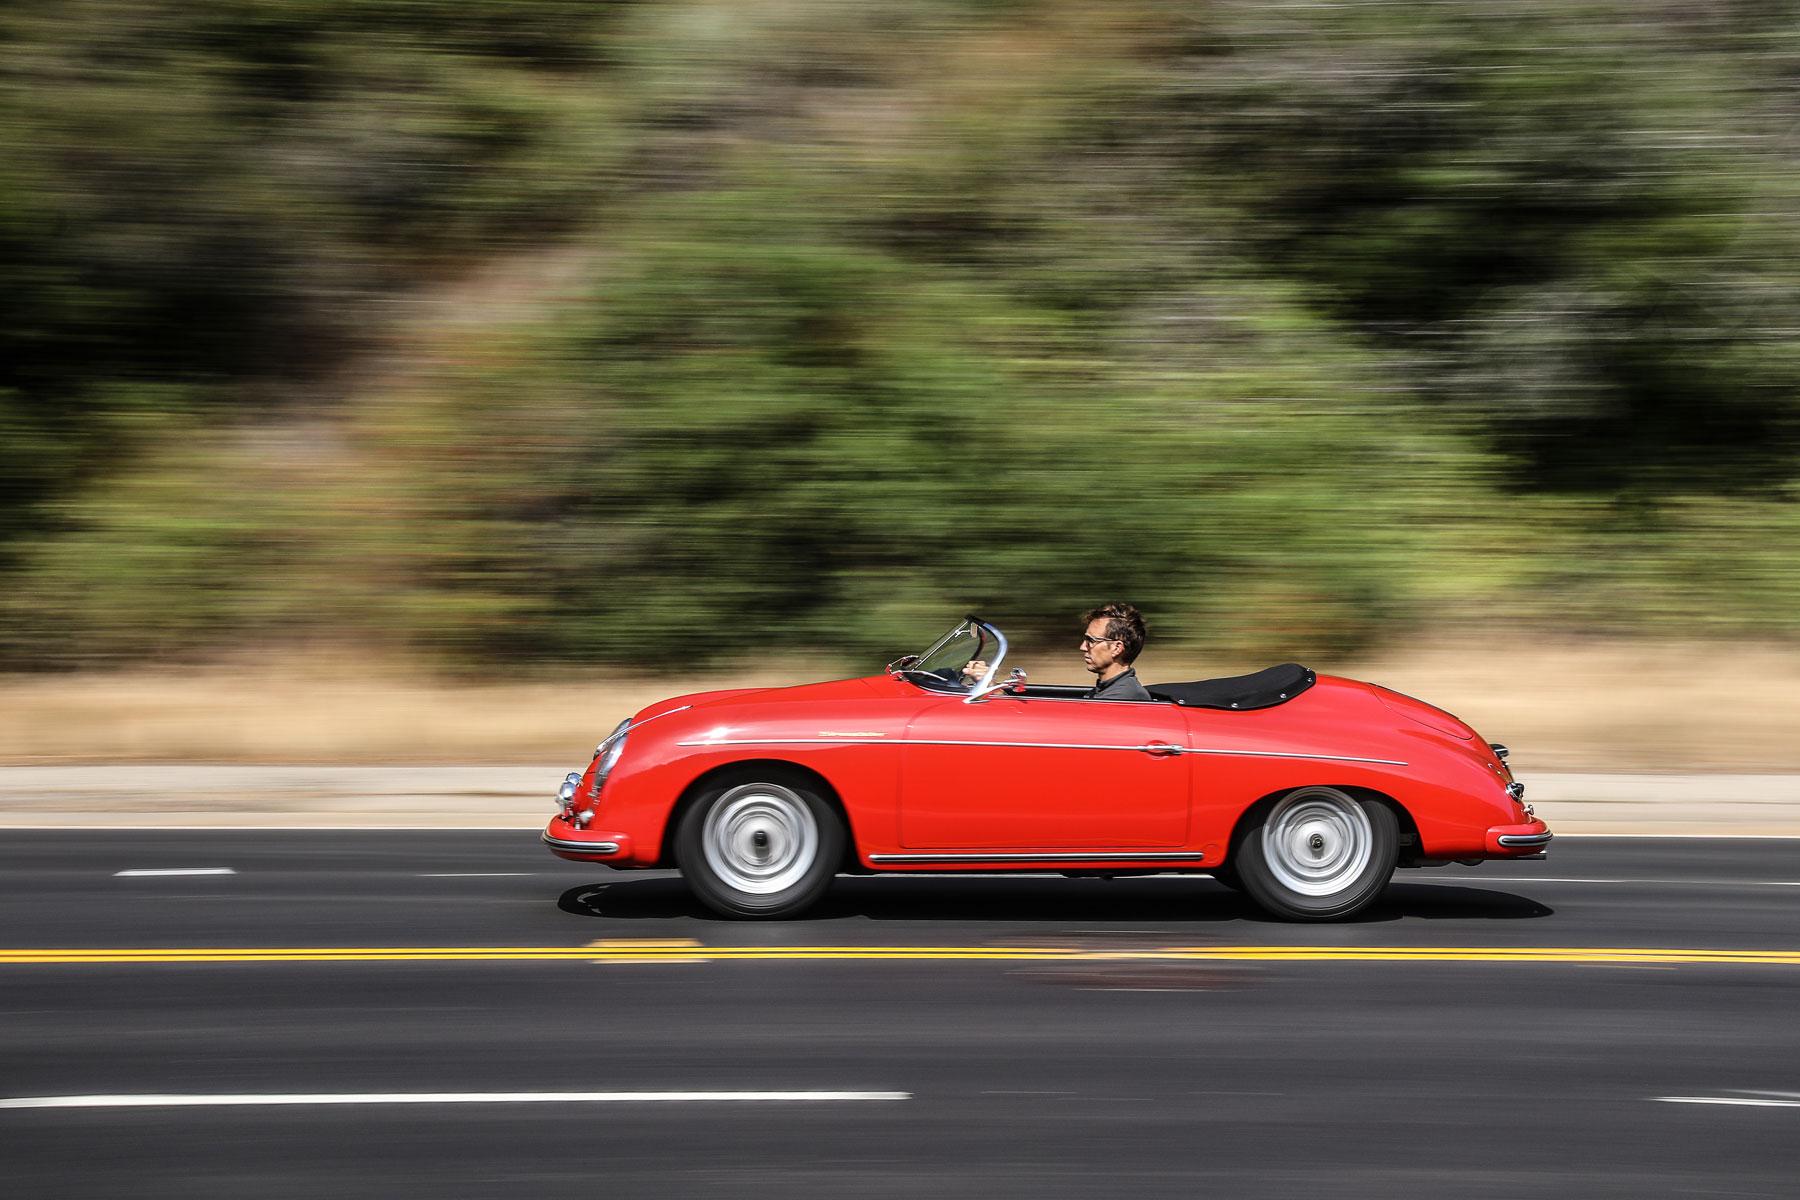 1957 Porsche 356 A Speedster driving